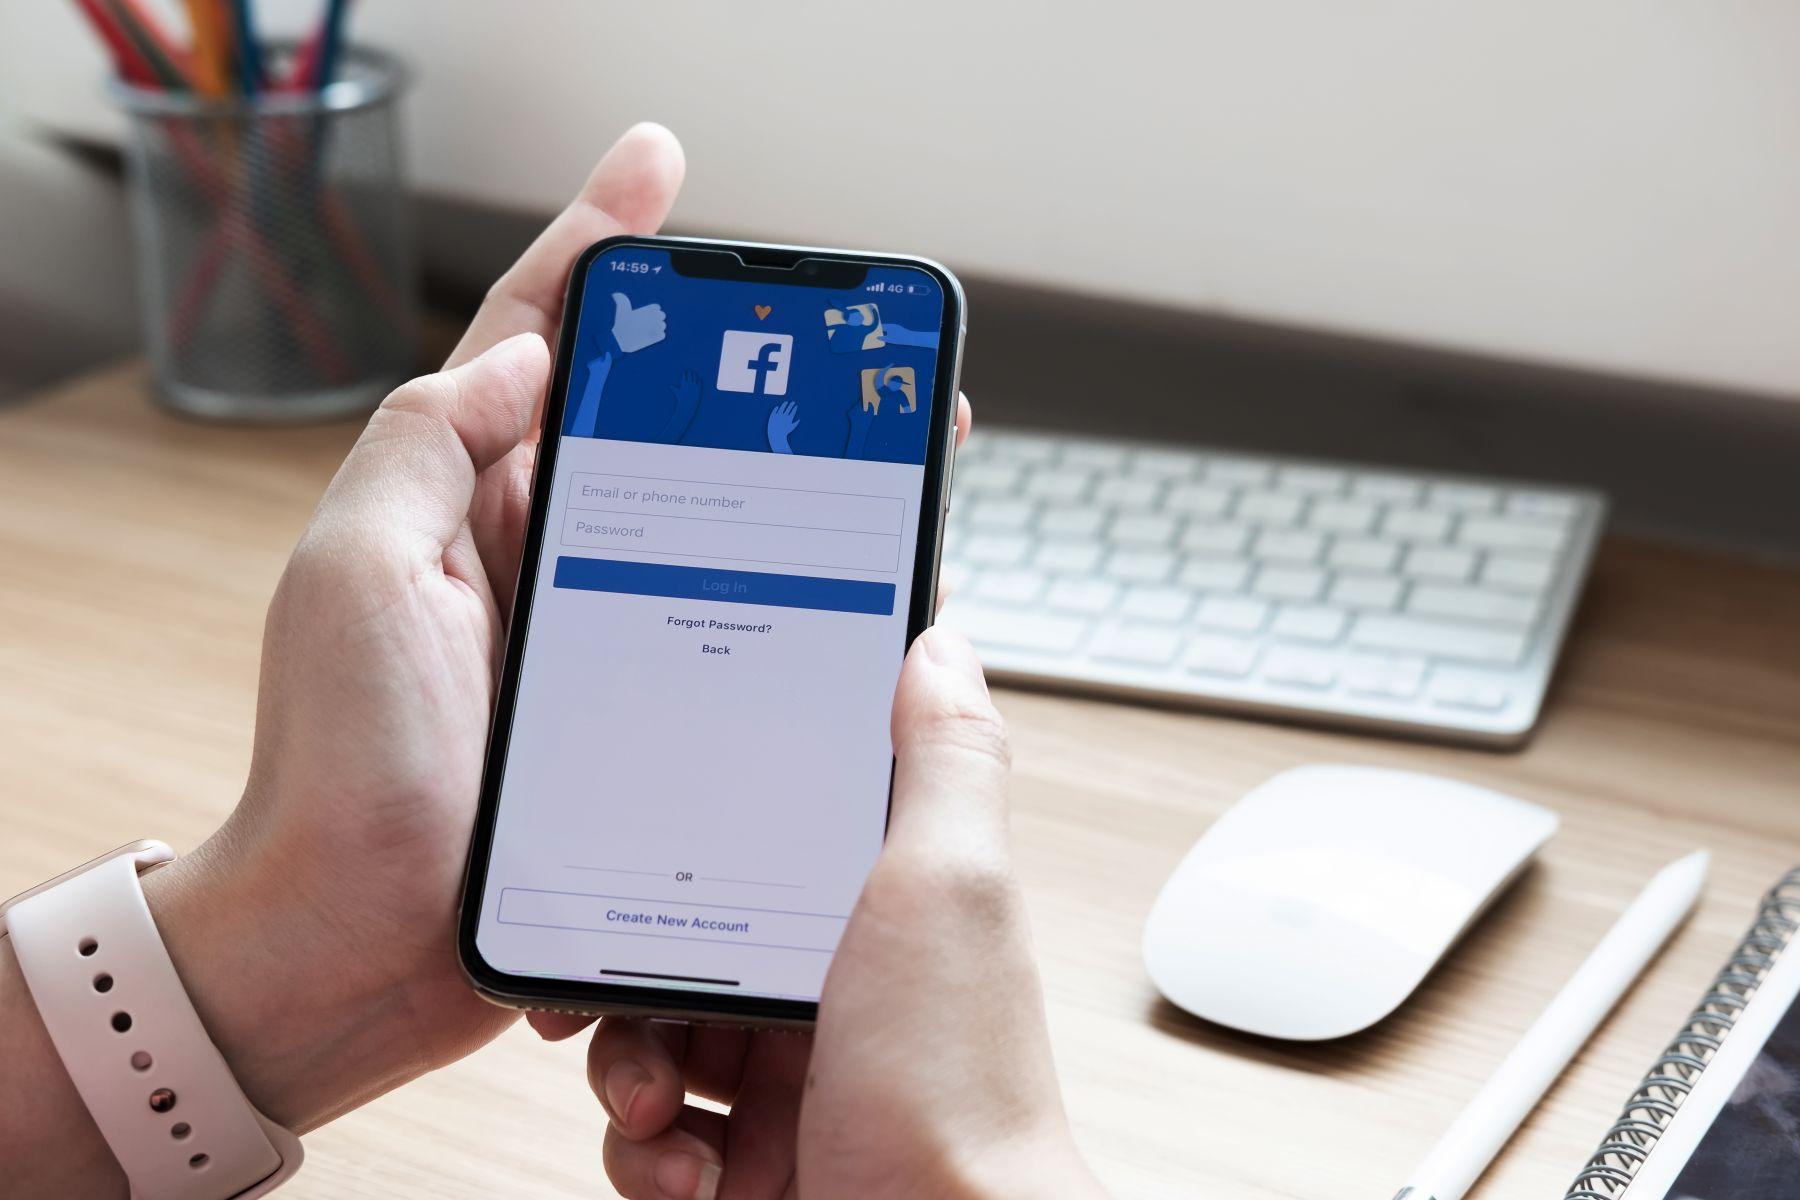 討厭就是討厭! 臉書新檢舉功能 網友笑推「太任性了」